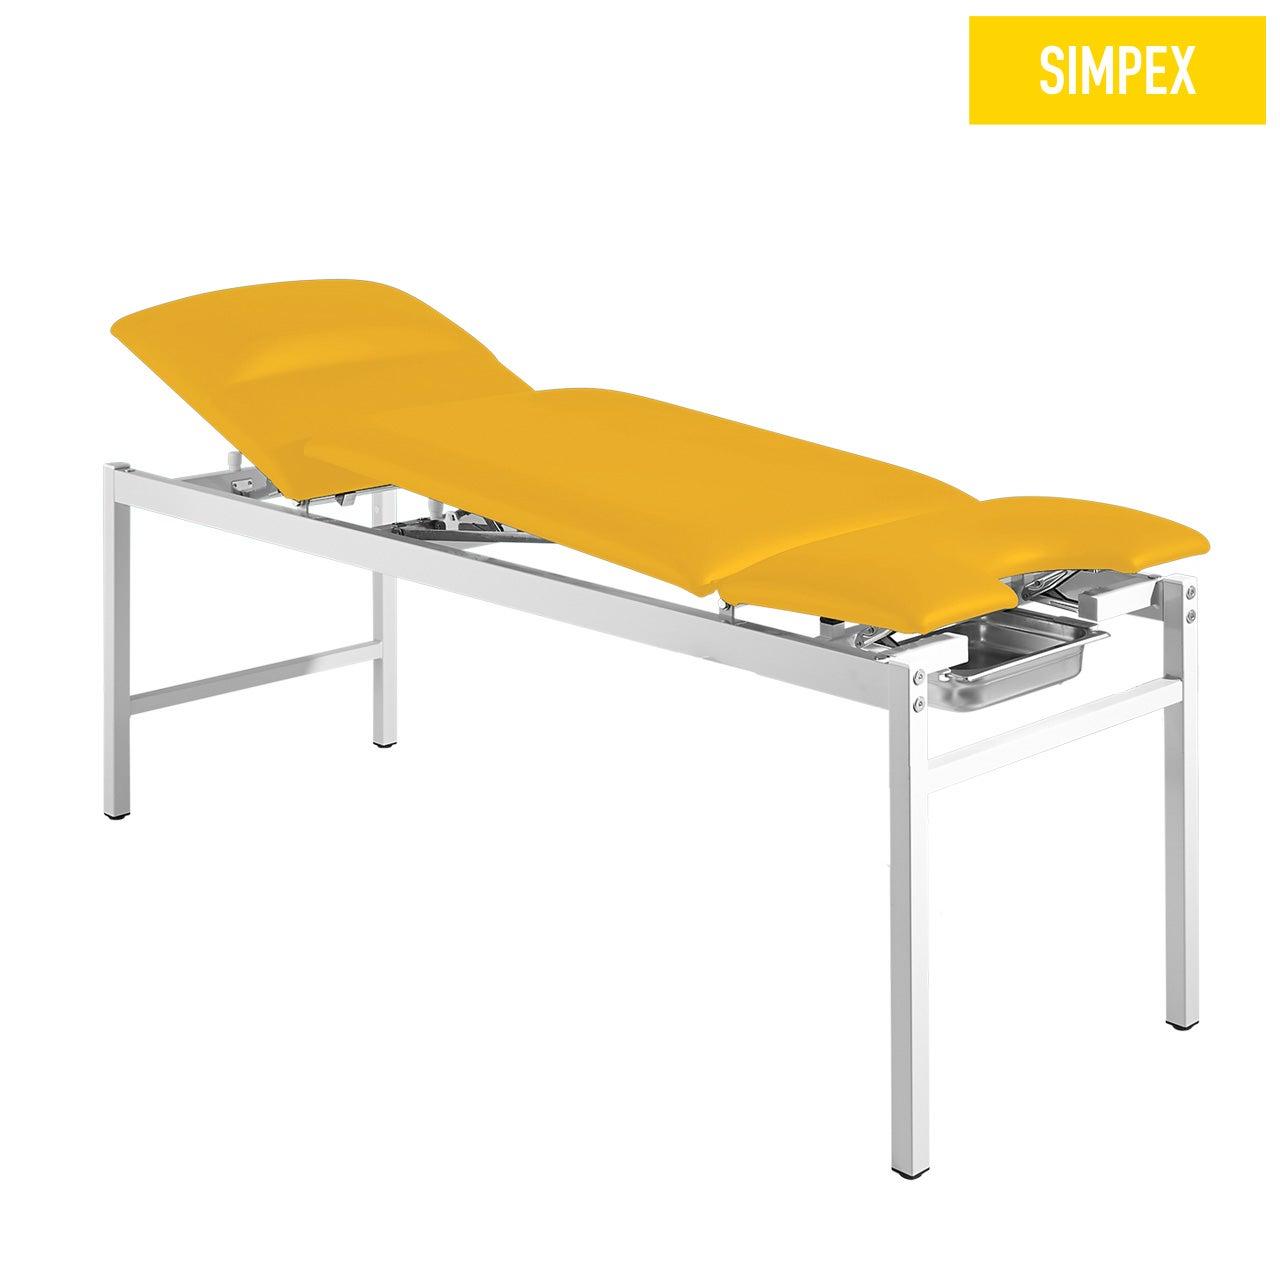 Spezialliege VS-GYN 65 Gyn mit Kunstleder in gelb (mais) und einem Gestell aus Stahl grauweiß gepulvert von SIMPEX